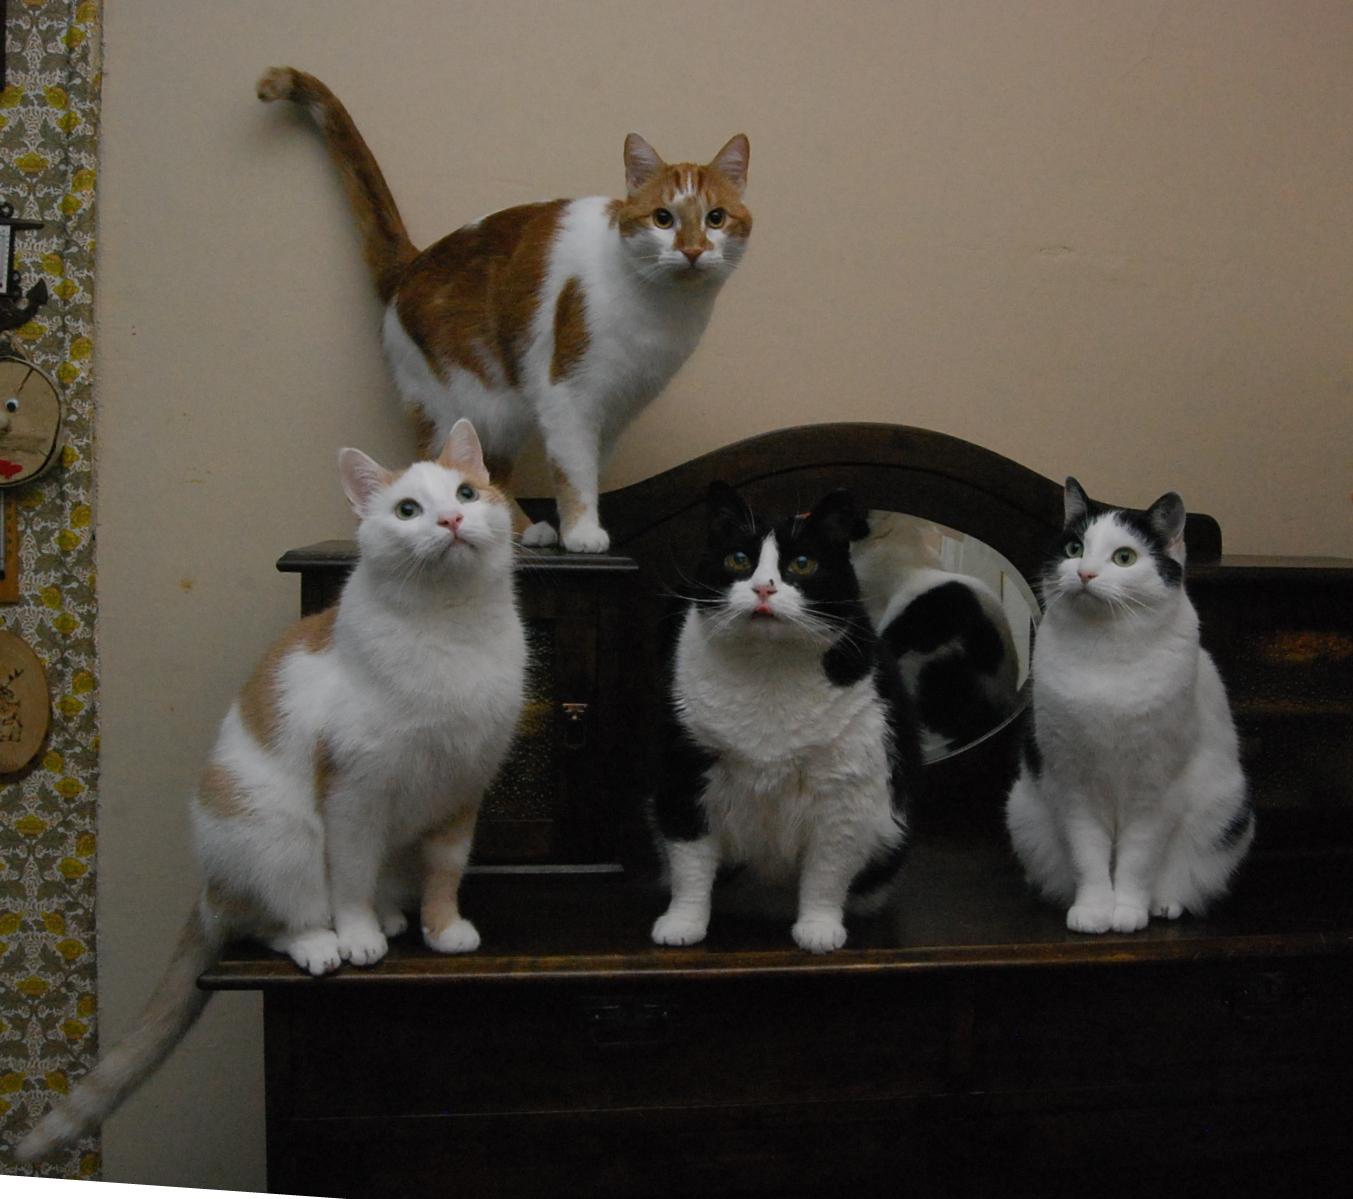 Neljä kissaa istuvat lipaston päällä ja poseeraavat.